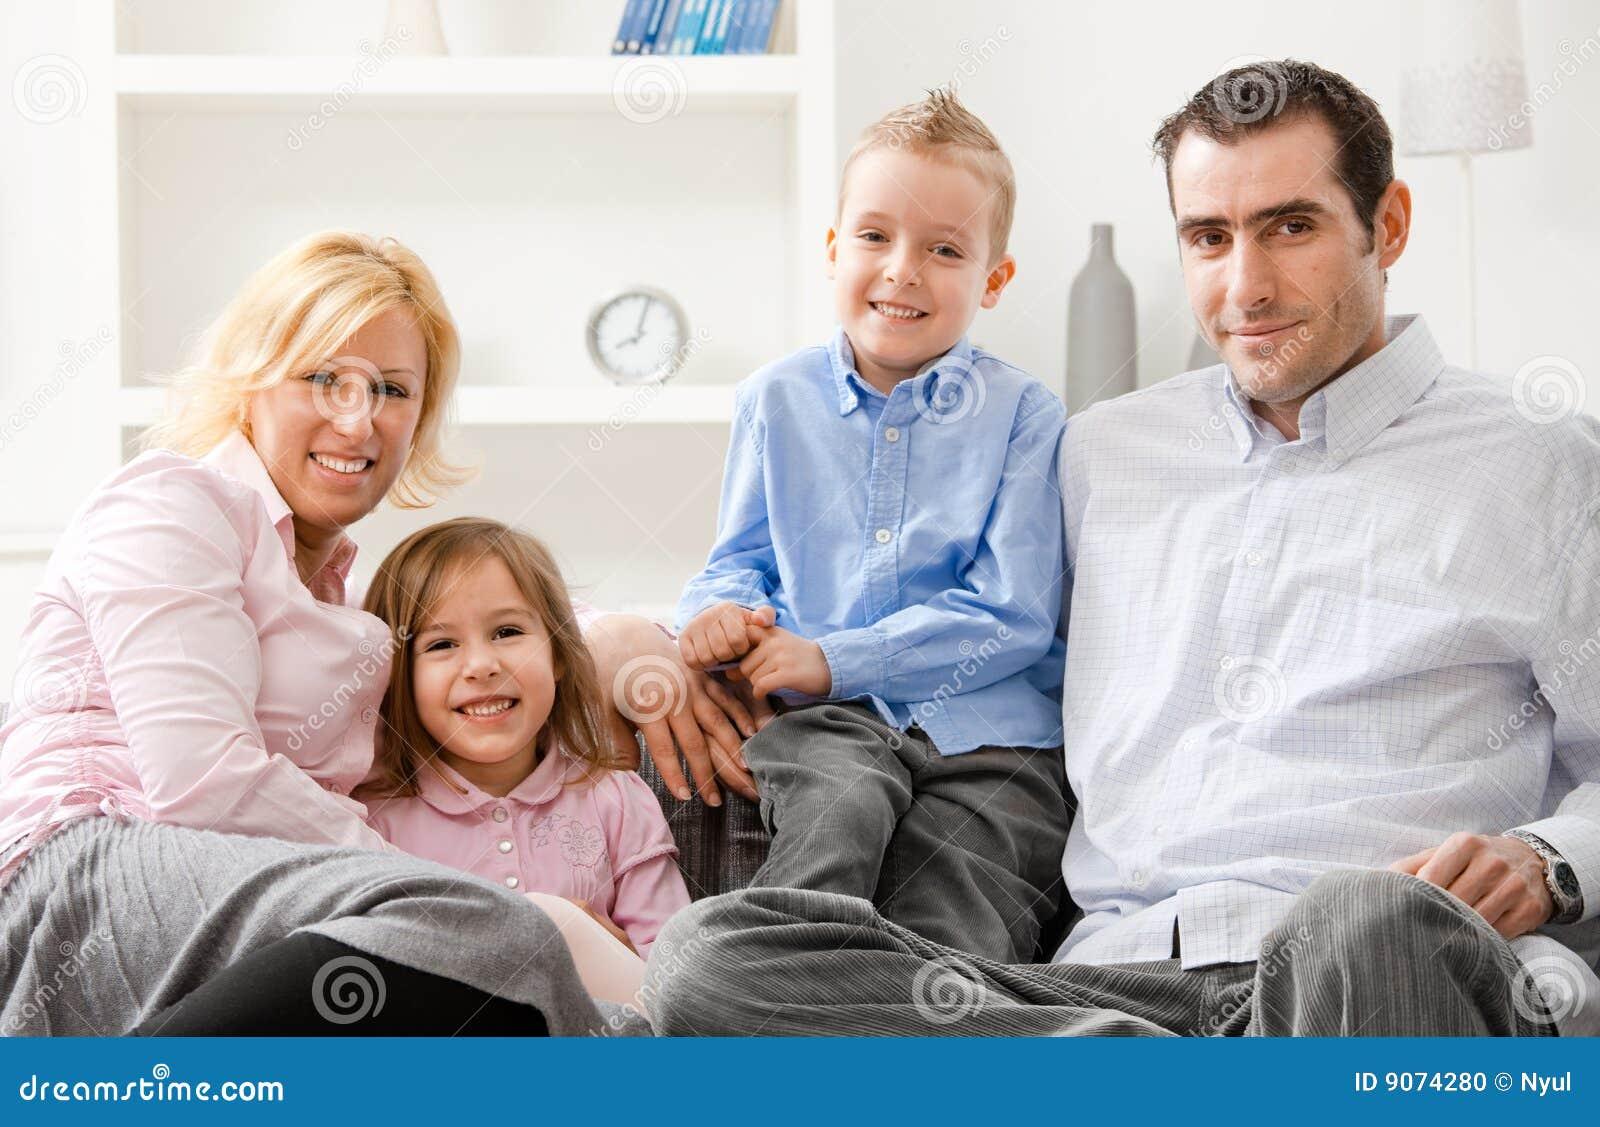 Familienportrait